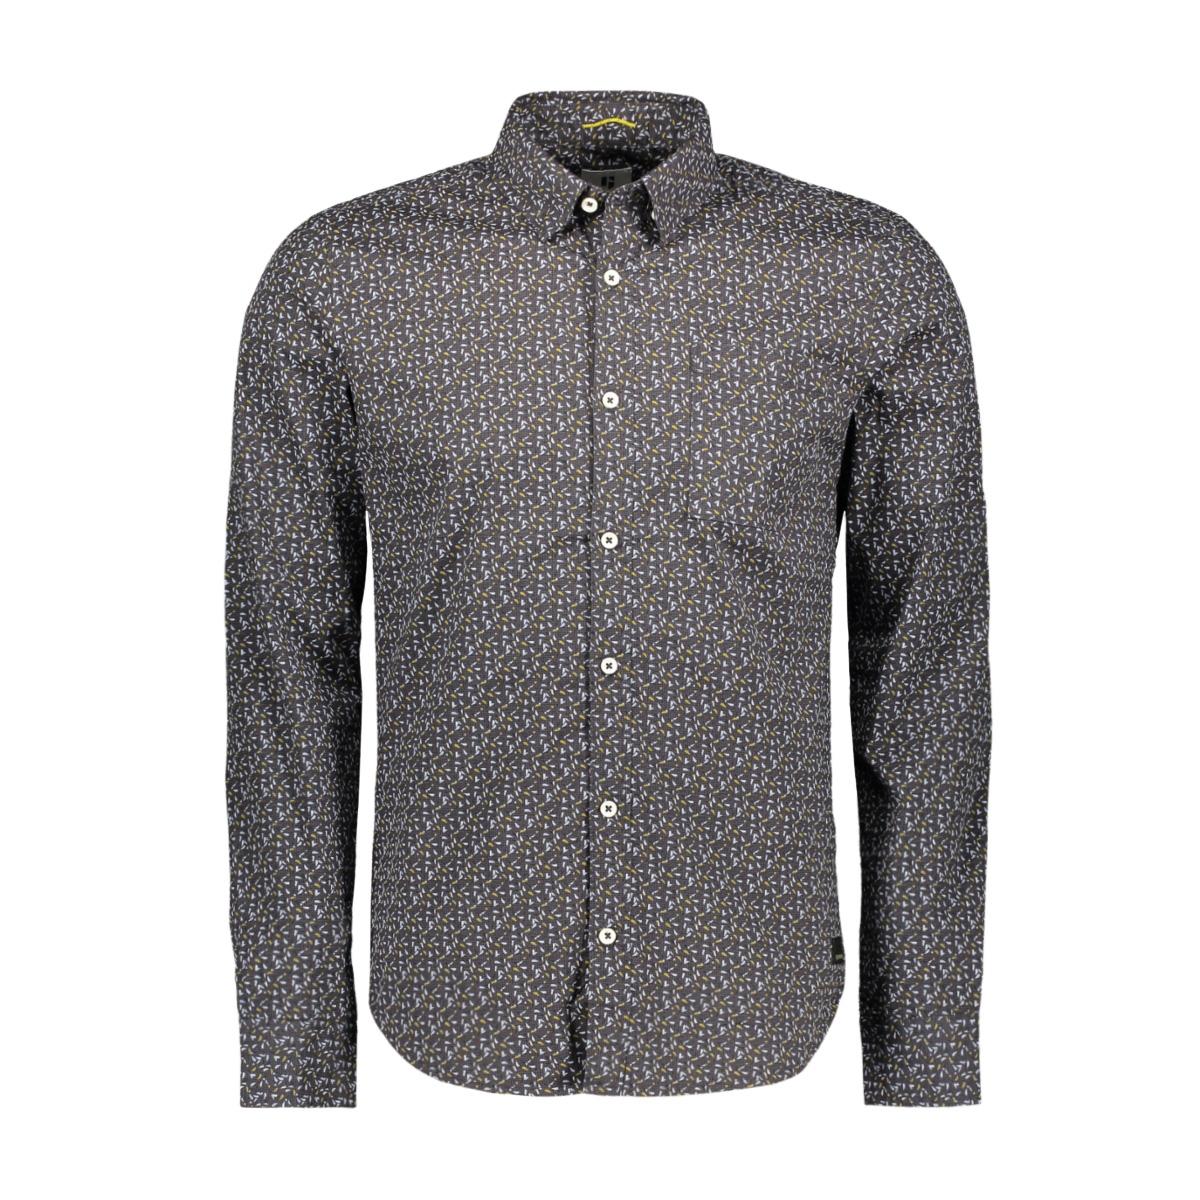 overhemd met allover print h91226 garcia overhemd 3295 slate